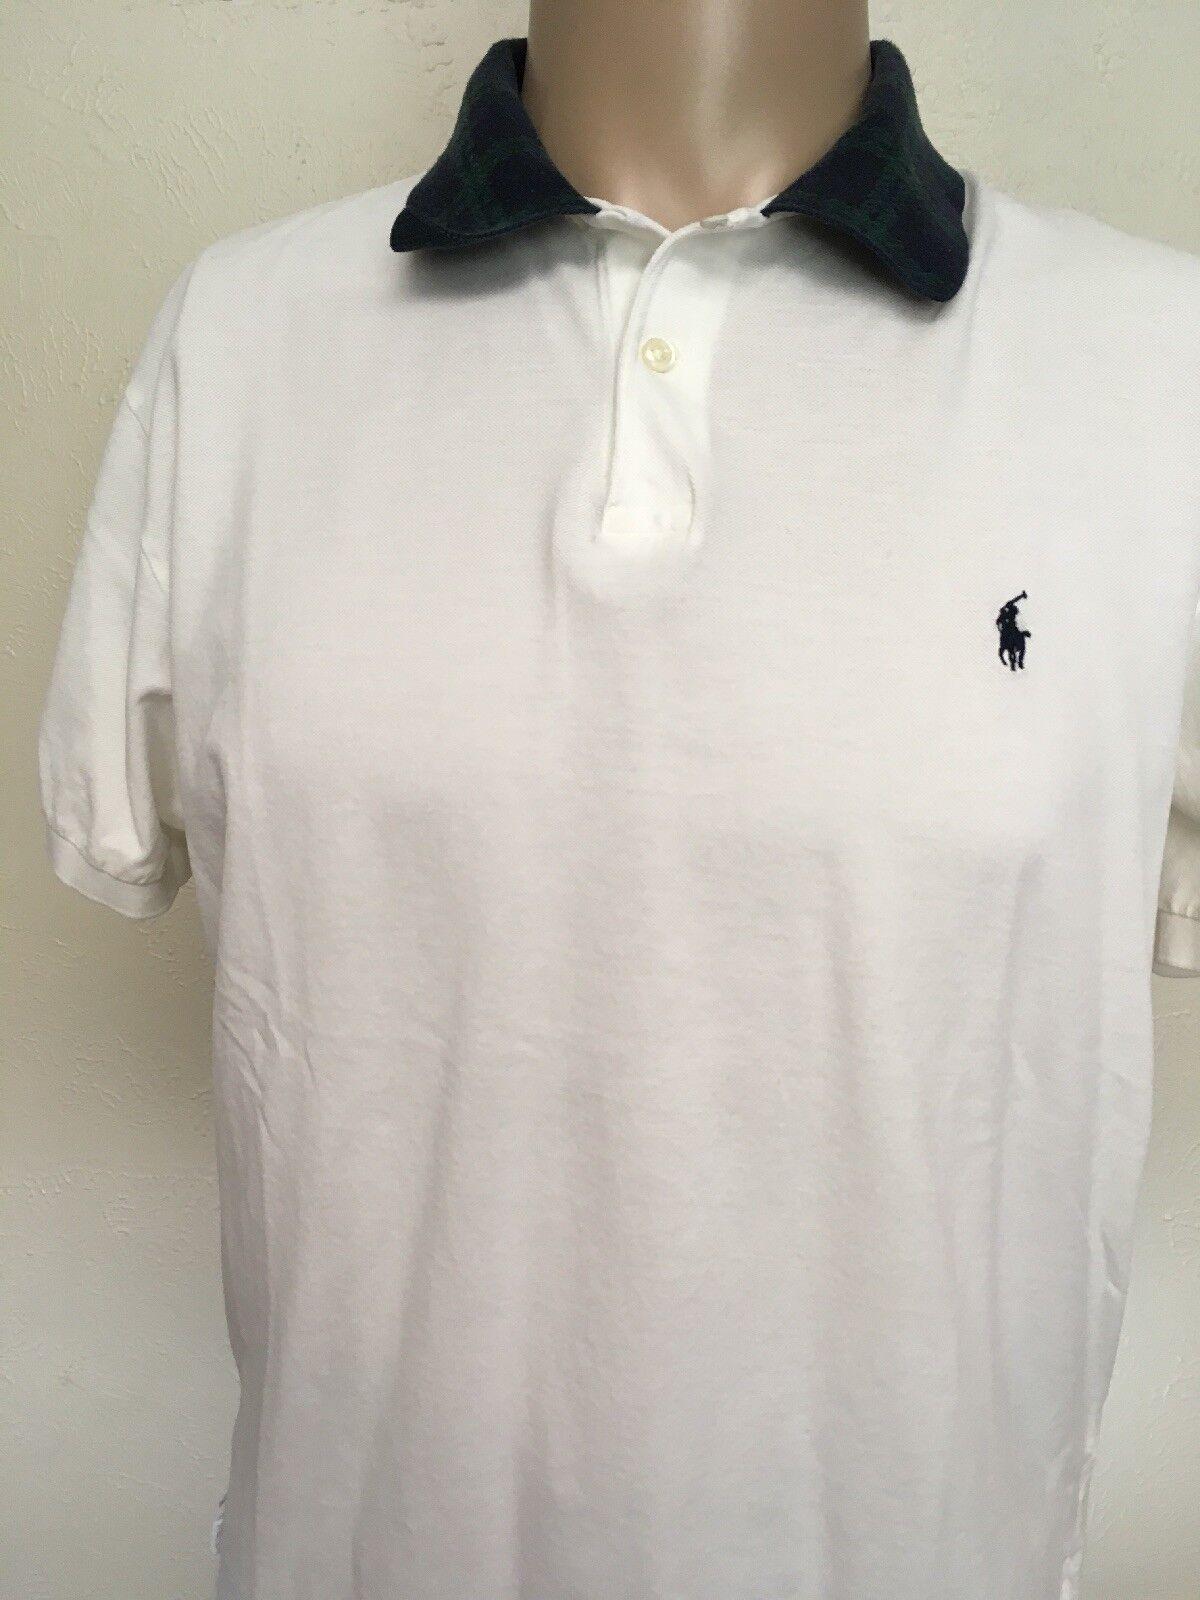 POLO RALPH LAUREN PIMA COTTON POLO White TARTAN PLAID LOOP COLLAR Tennis Shirt M